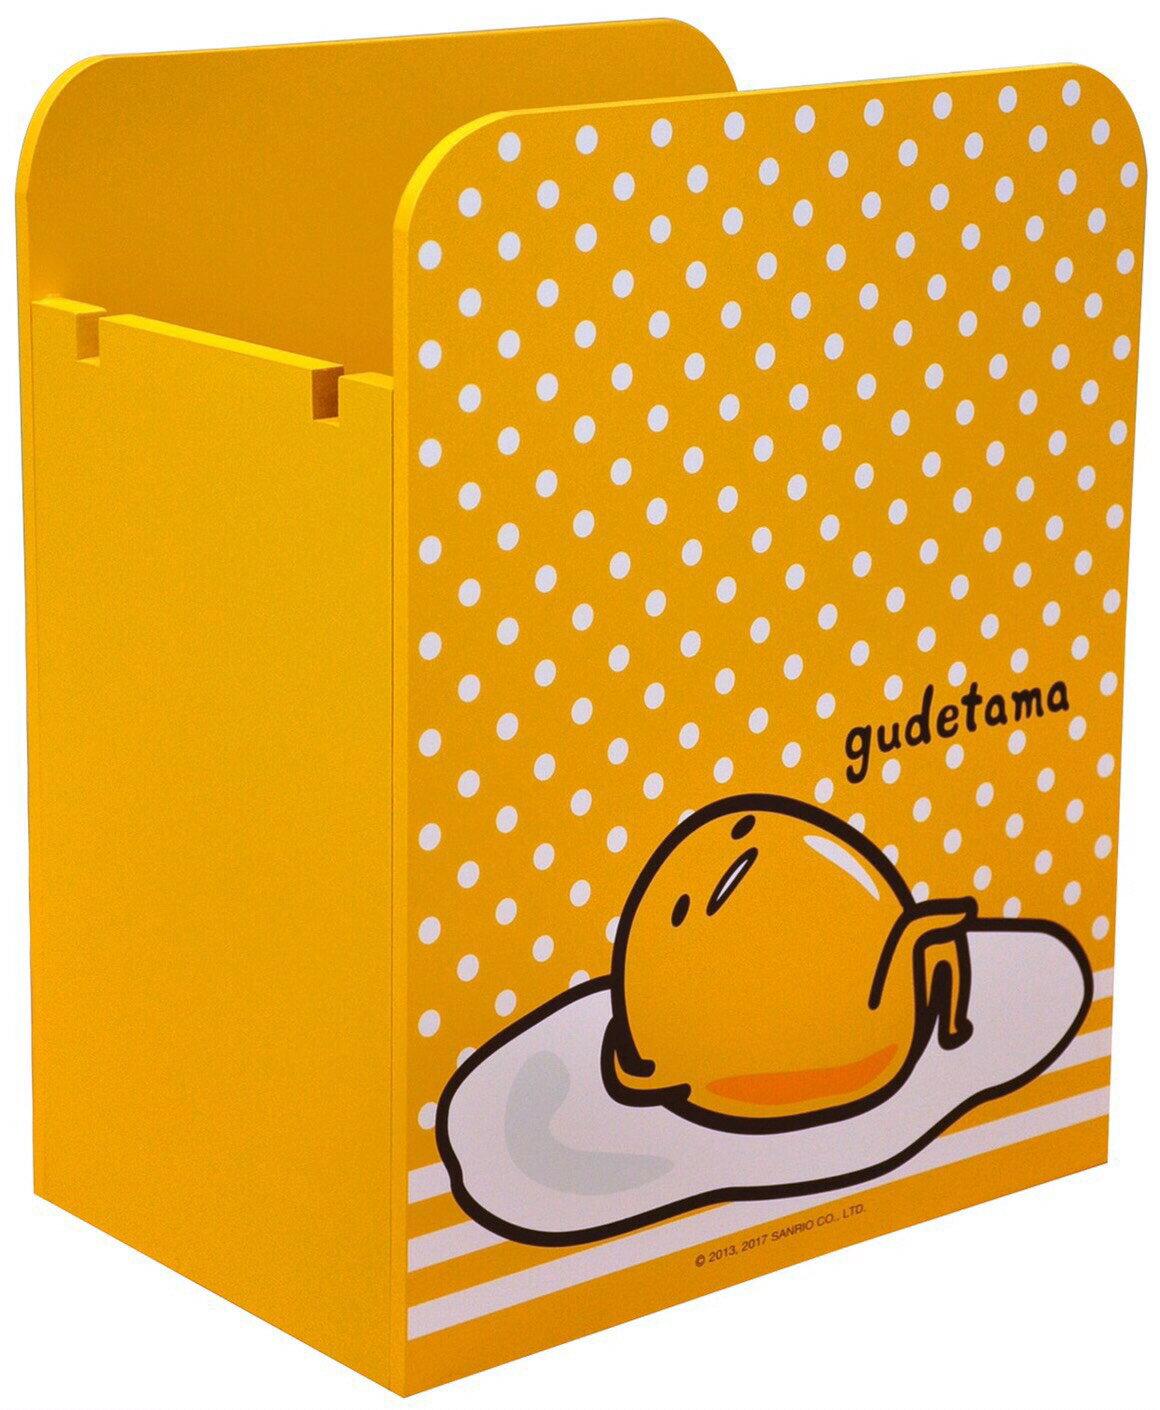 【真愛日本】17042700022 木製多功能書報置物盒-GU 三麗鷗 蛋黃哥(????)木製 收納櫃 置物架